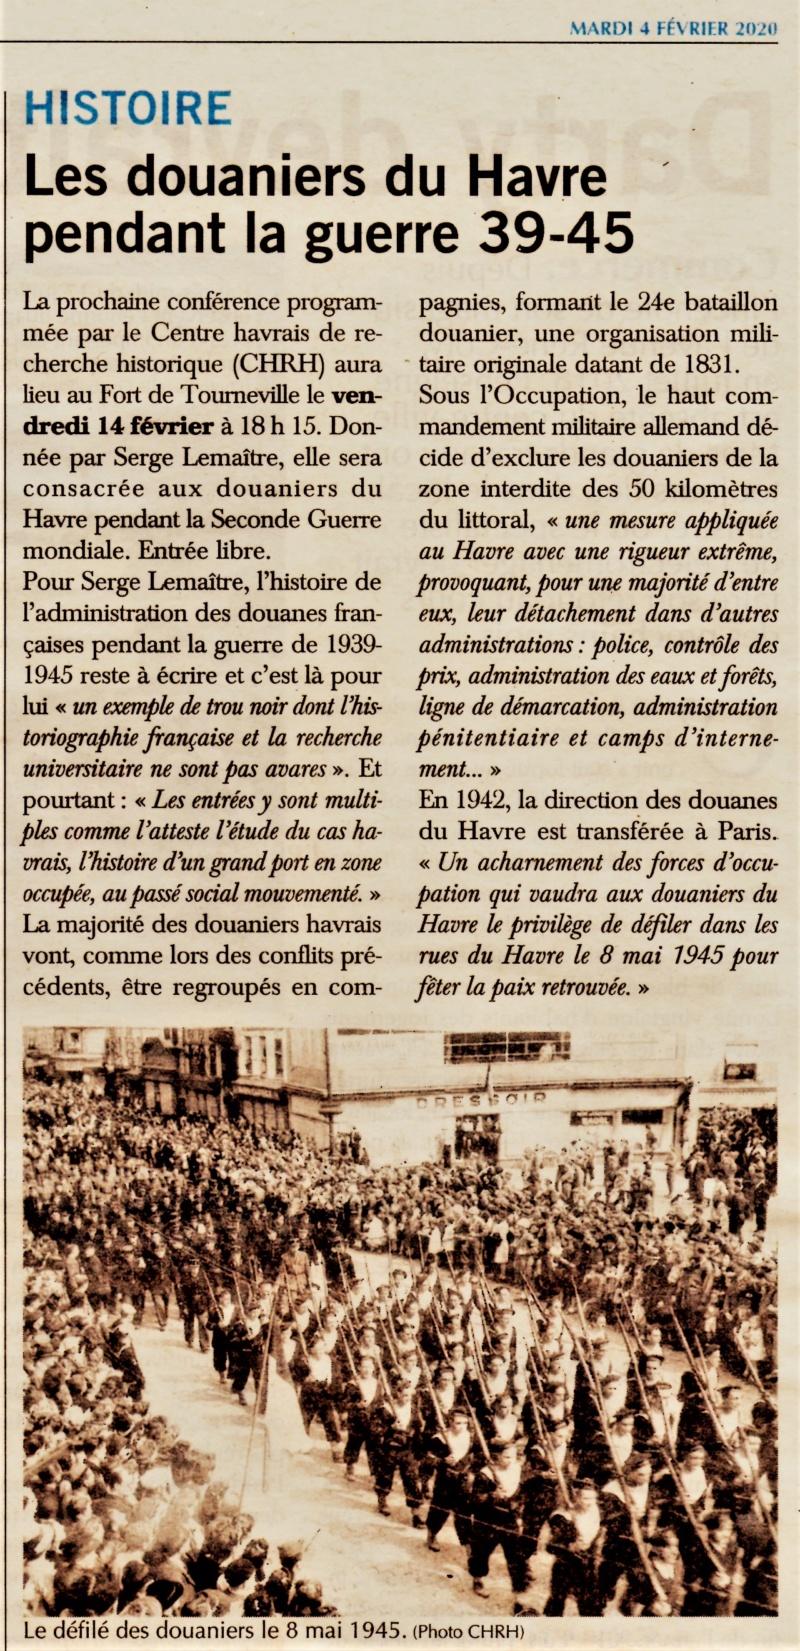 Les douaniers du Havre pendant la guerre 39/45 (conférence CHRH) 2020-017